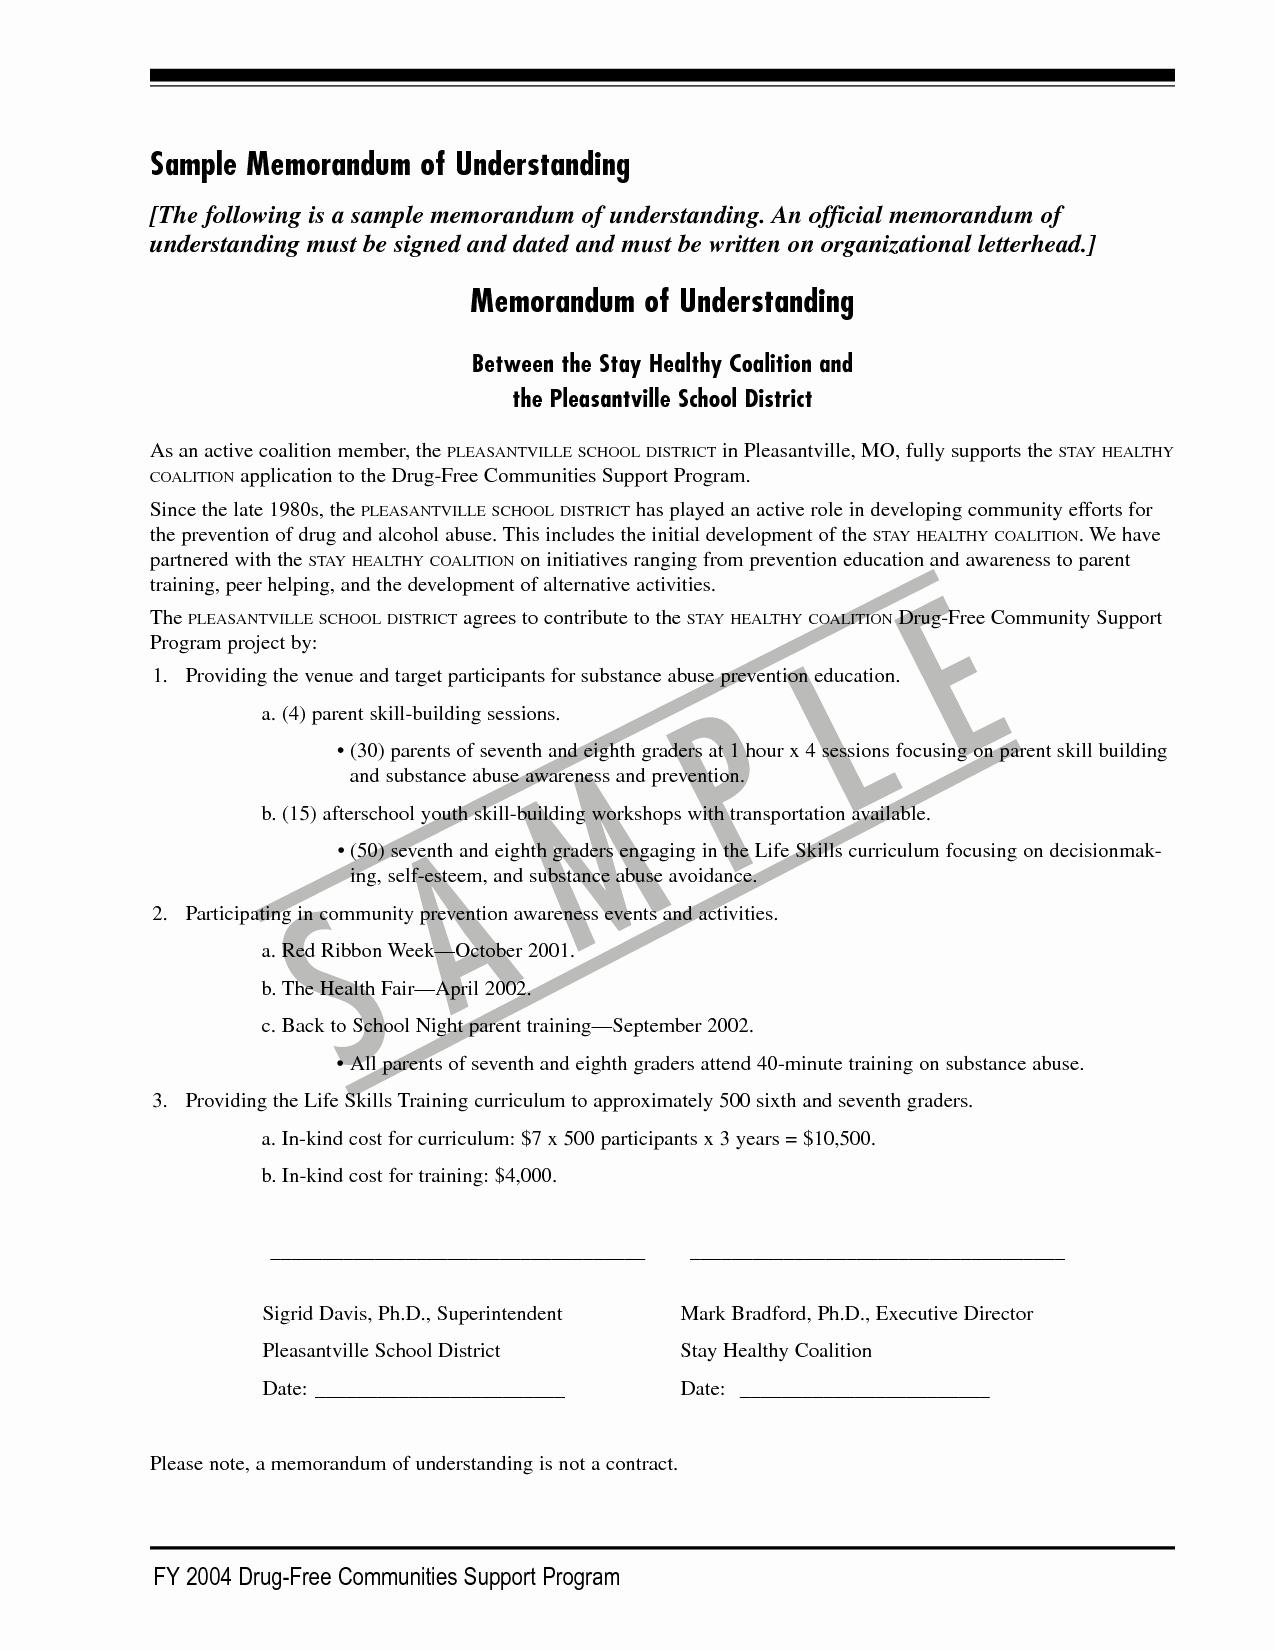 Memo Of Understanding Template Unique 10 Best Of Example Memorandum Understanding